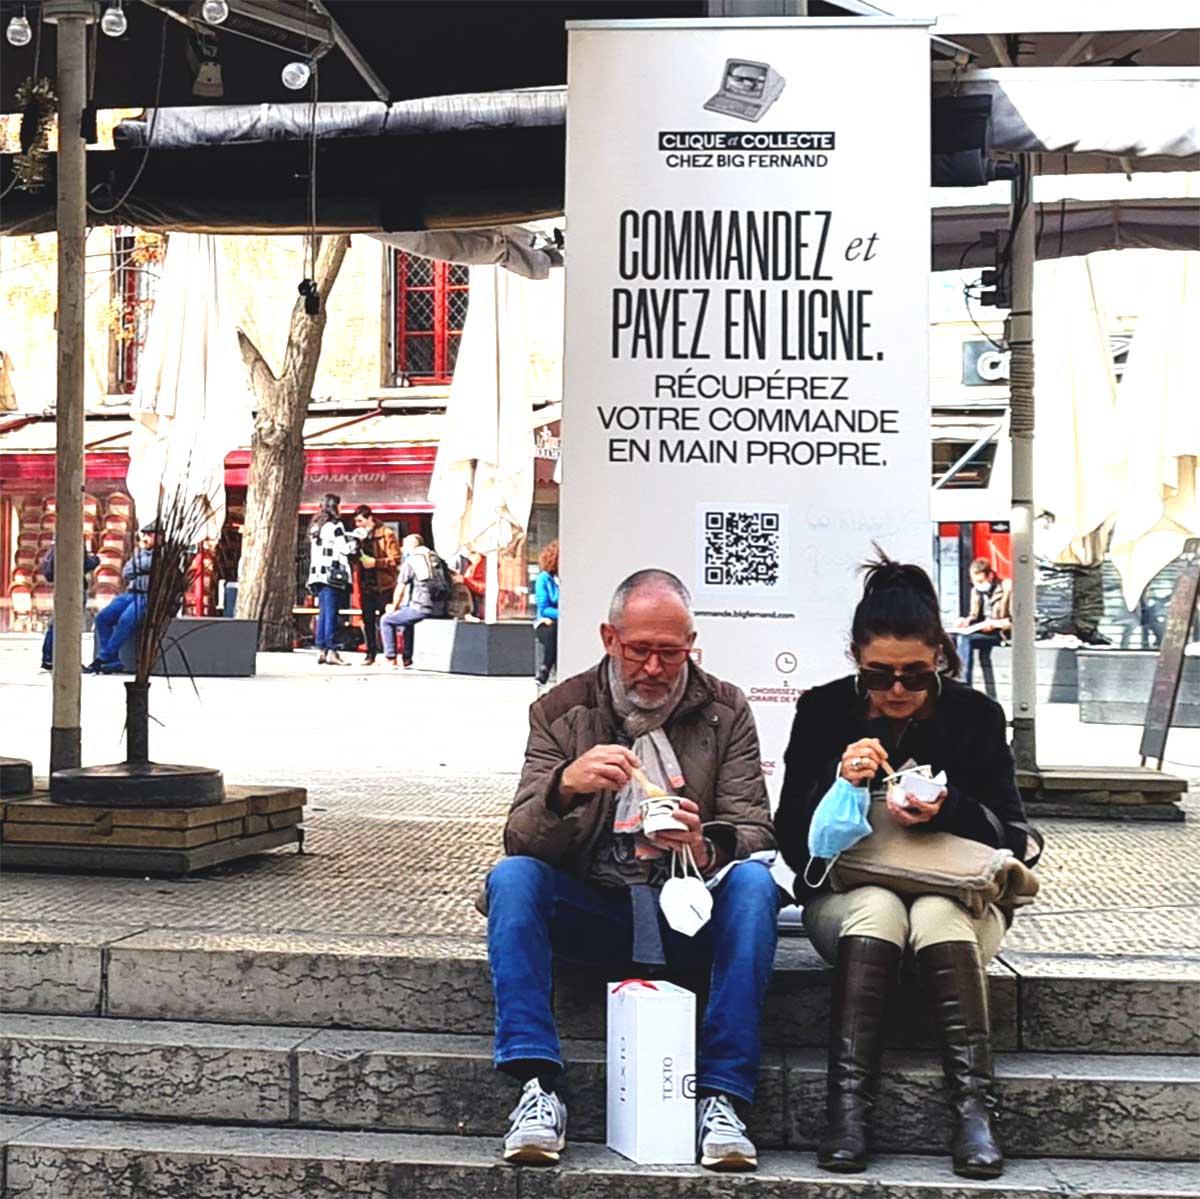 Montpellier-repas-en-ville-clique et collectemars-2021